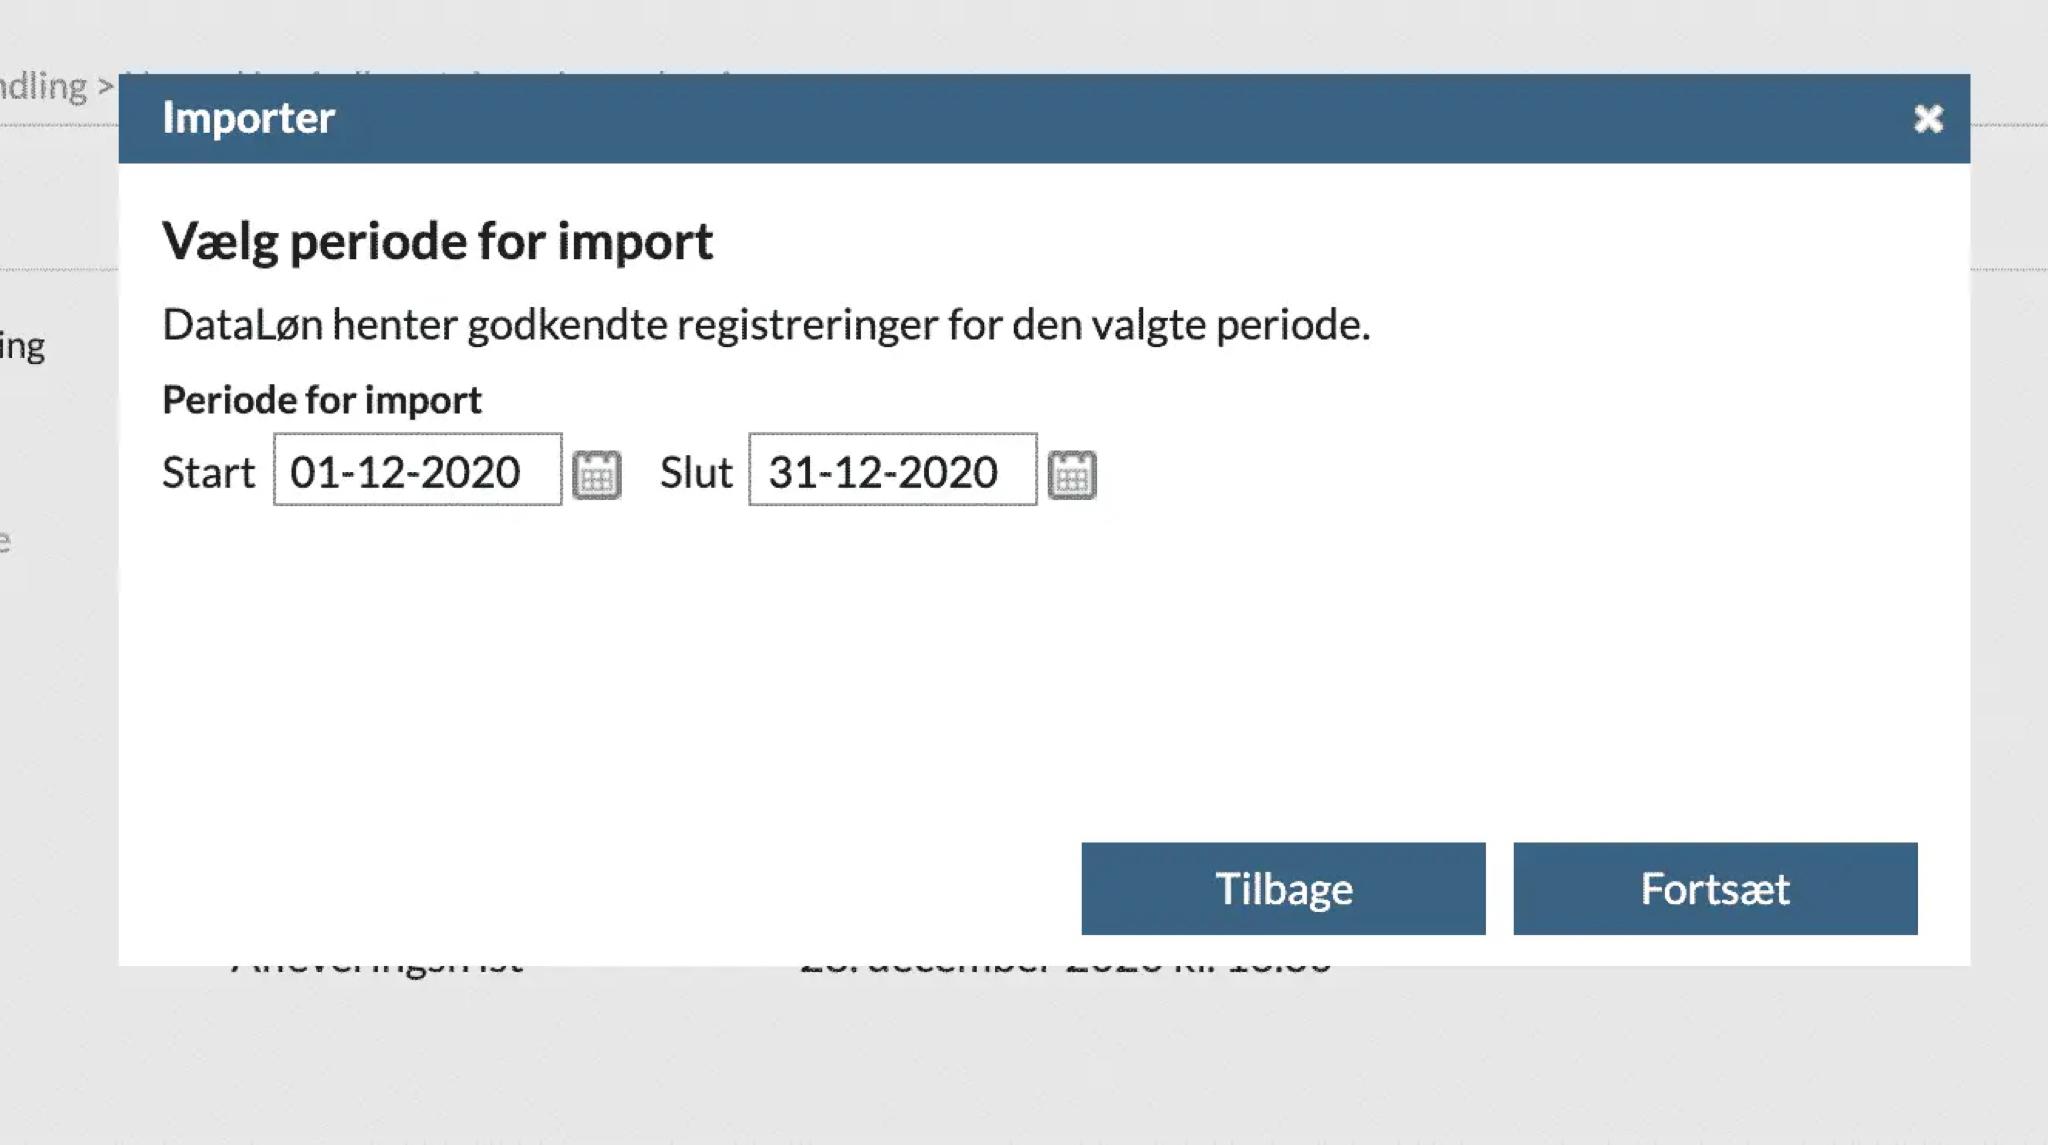 DataLøn integration step